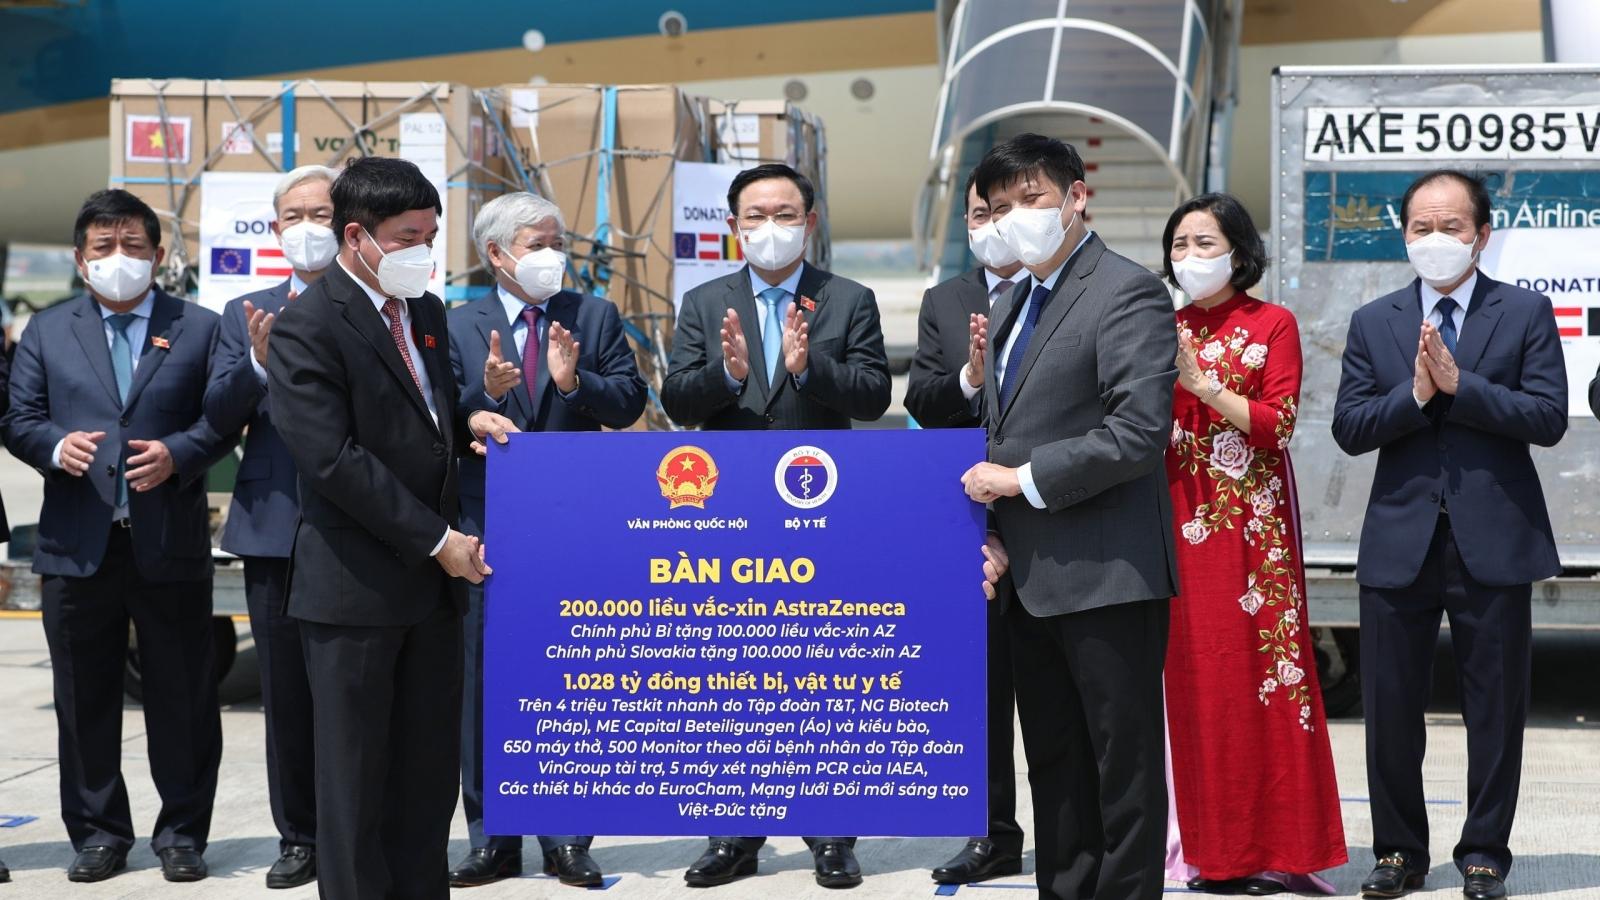 Chủ tịch Quốc hội chứng kiến lễ bàn giao vaccine ngay sau khi tới sân bay Nội Bài